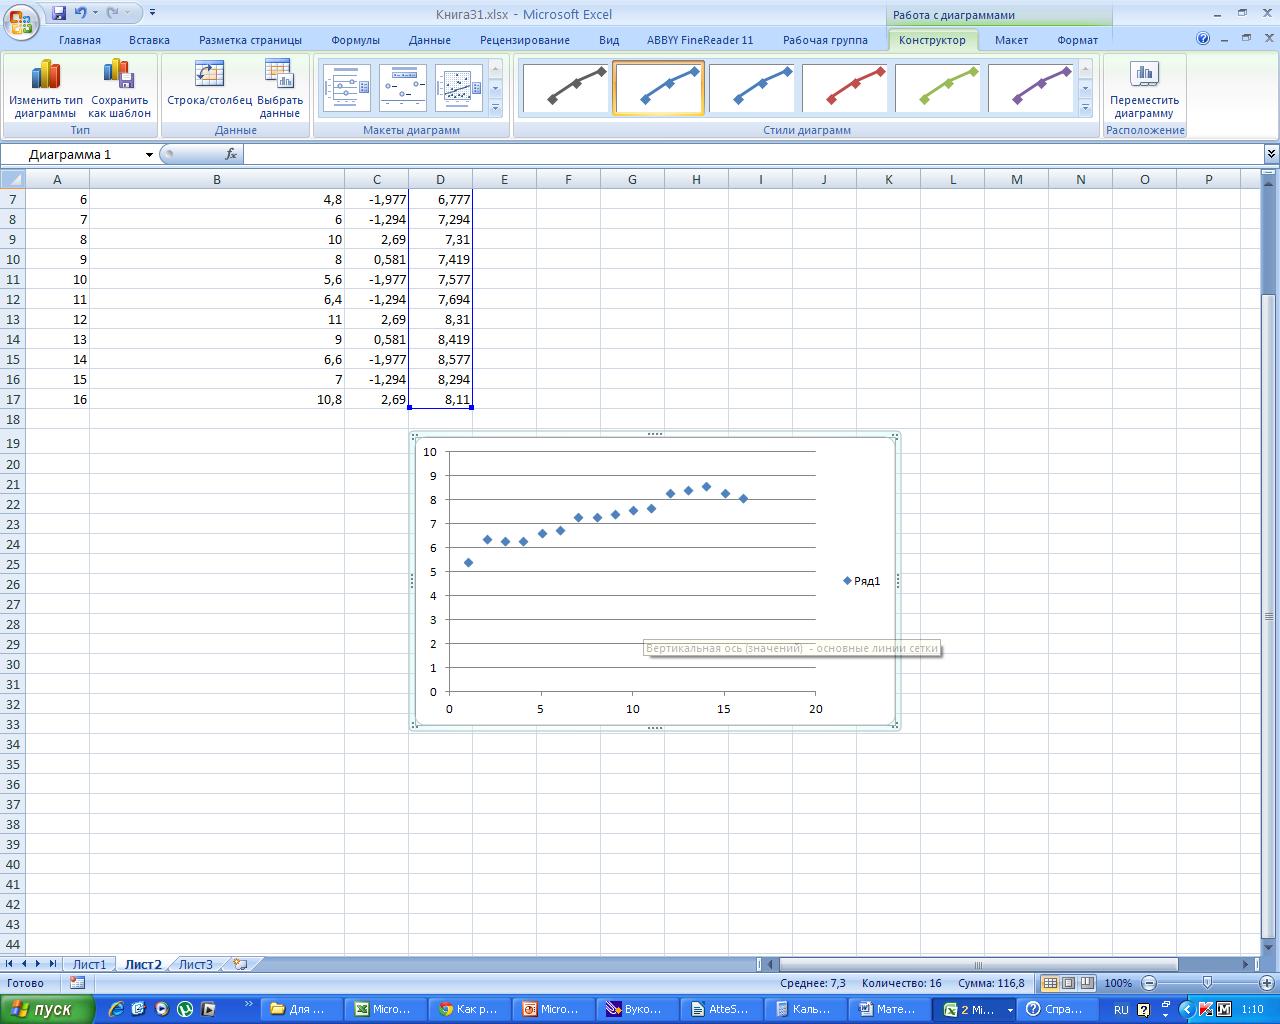 Как в диаграмме подпись данных сделать сбоку